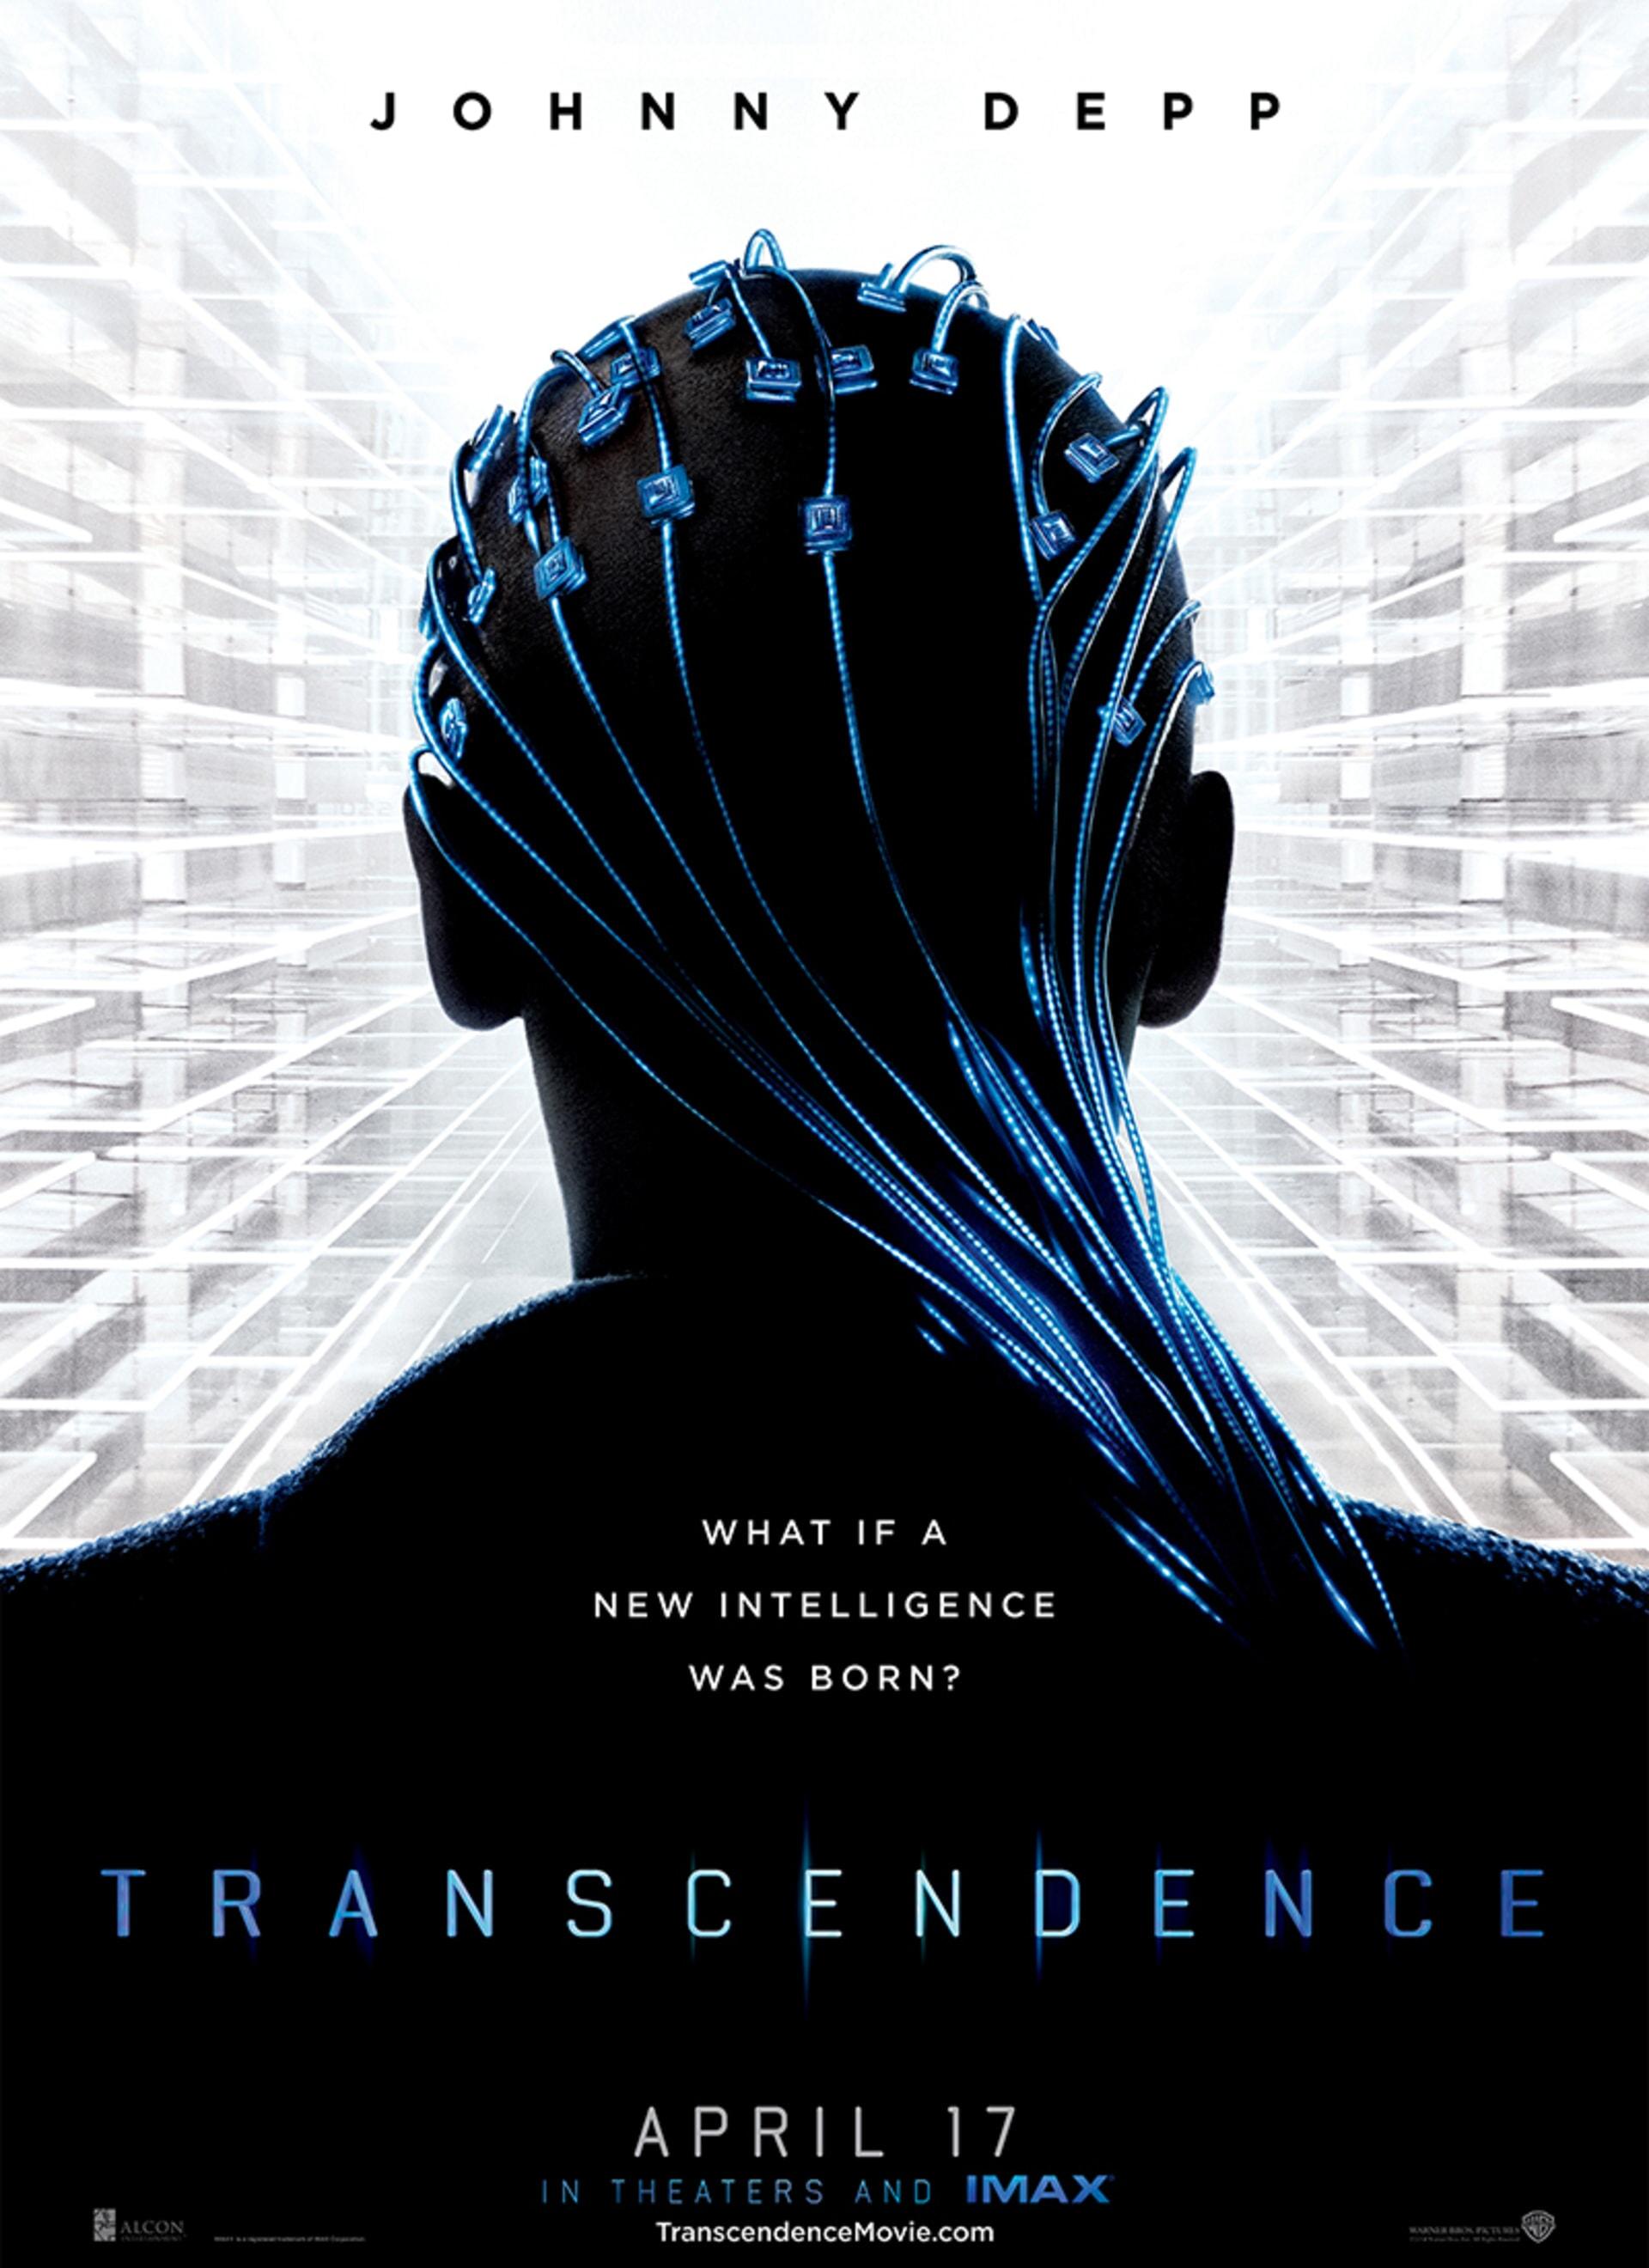 Transcendence - Poster 2